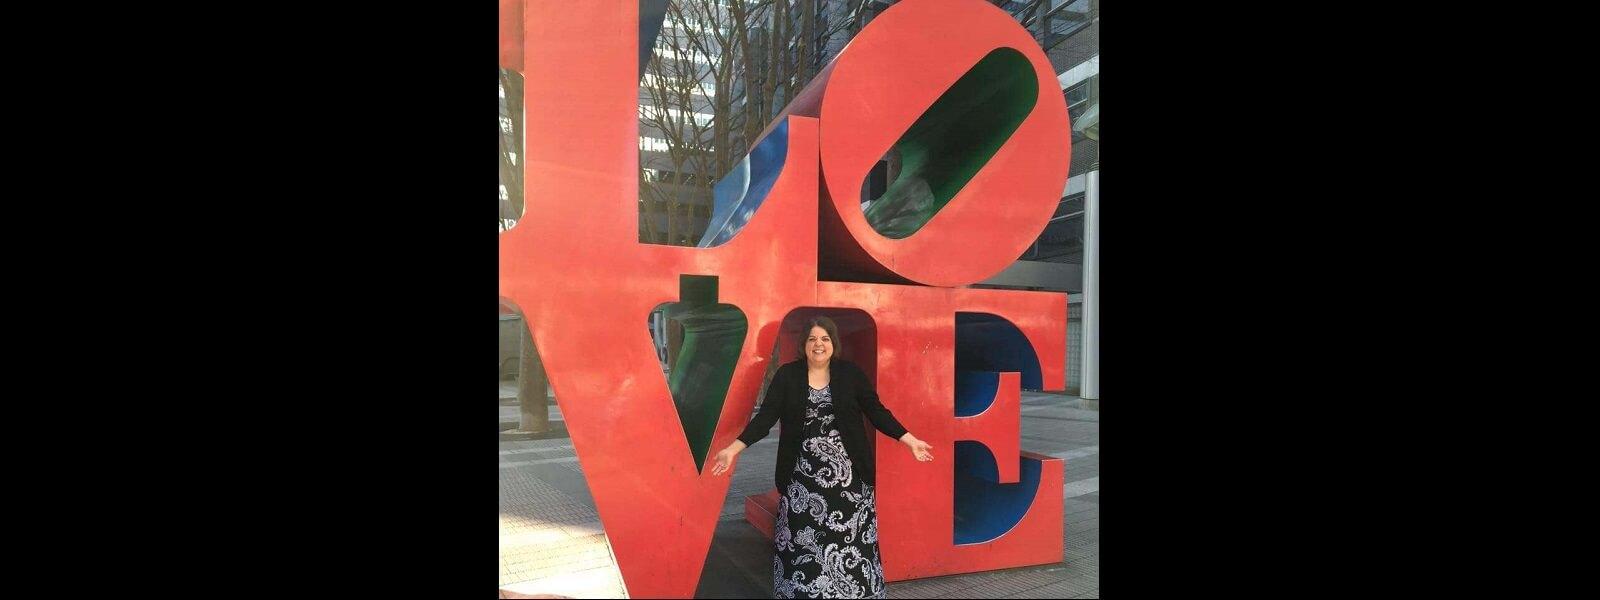 tara_loveSculpture_facebook1460597226474_banner.jpg